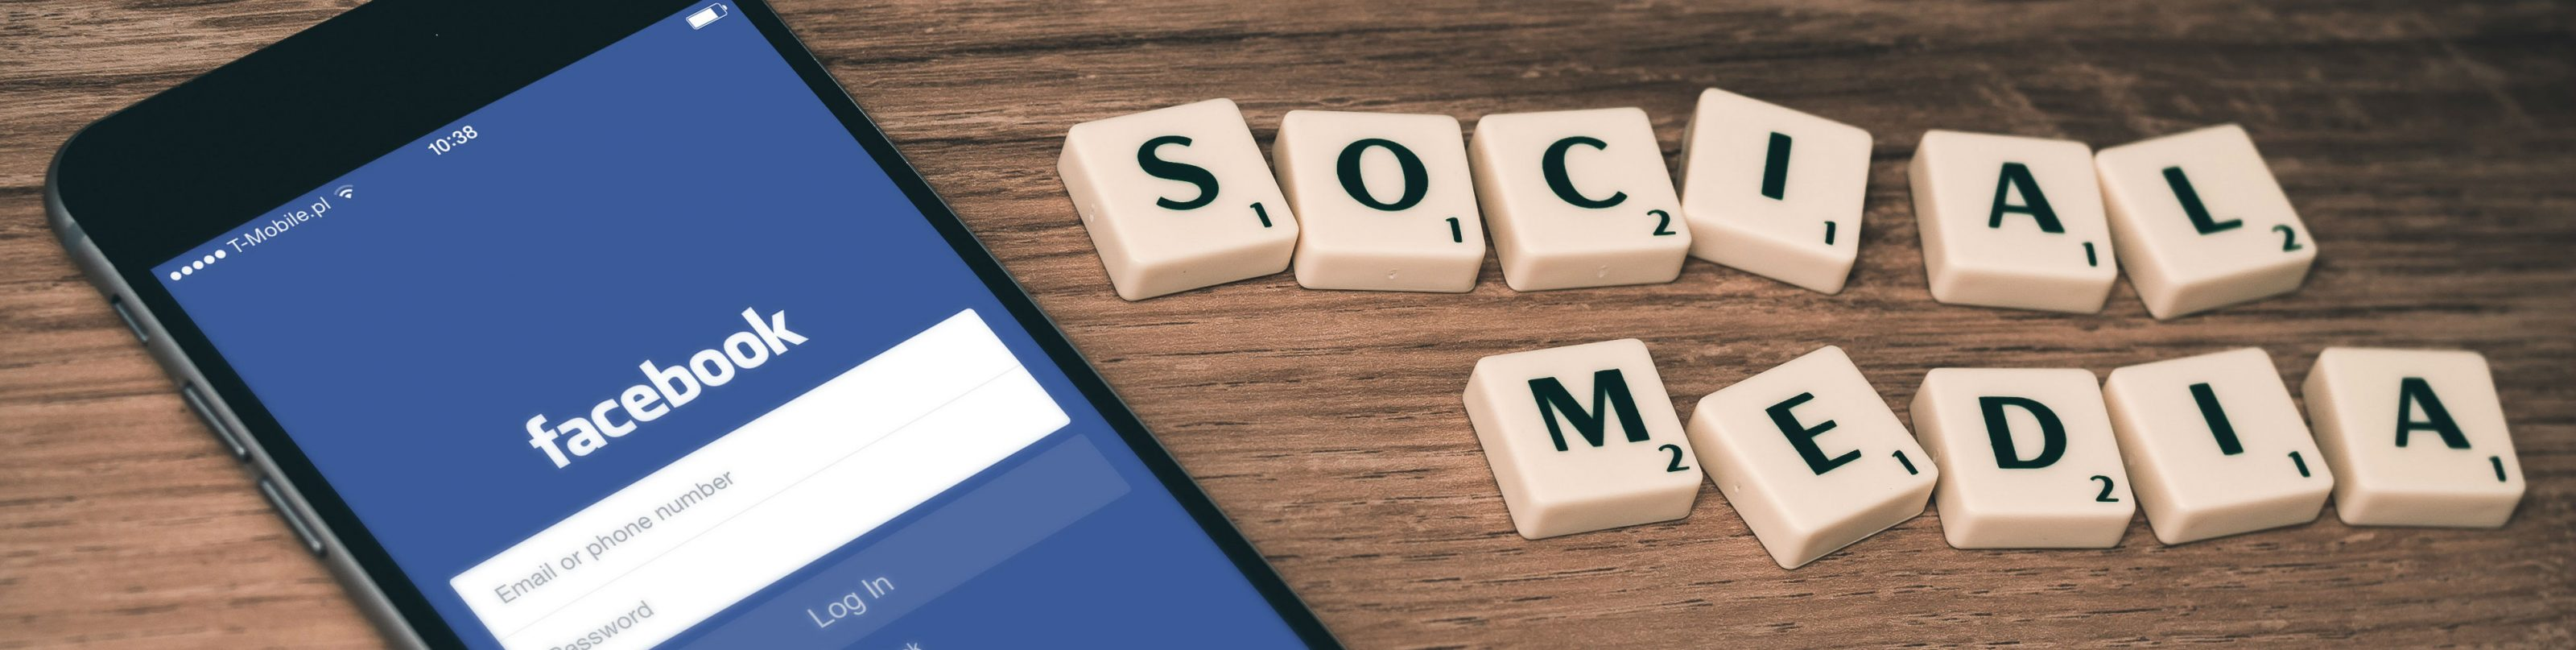 Scrabble tiles spelling out social media